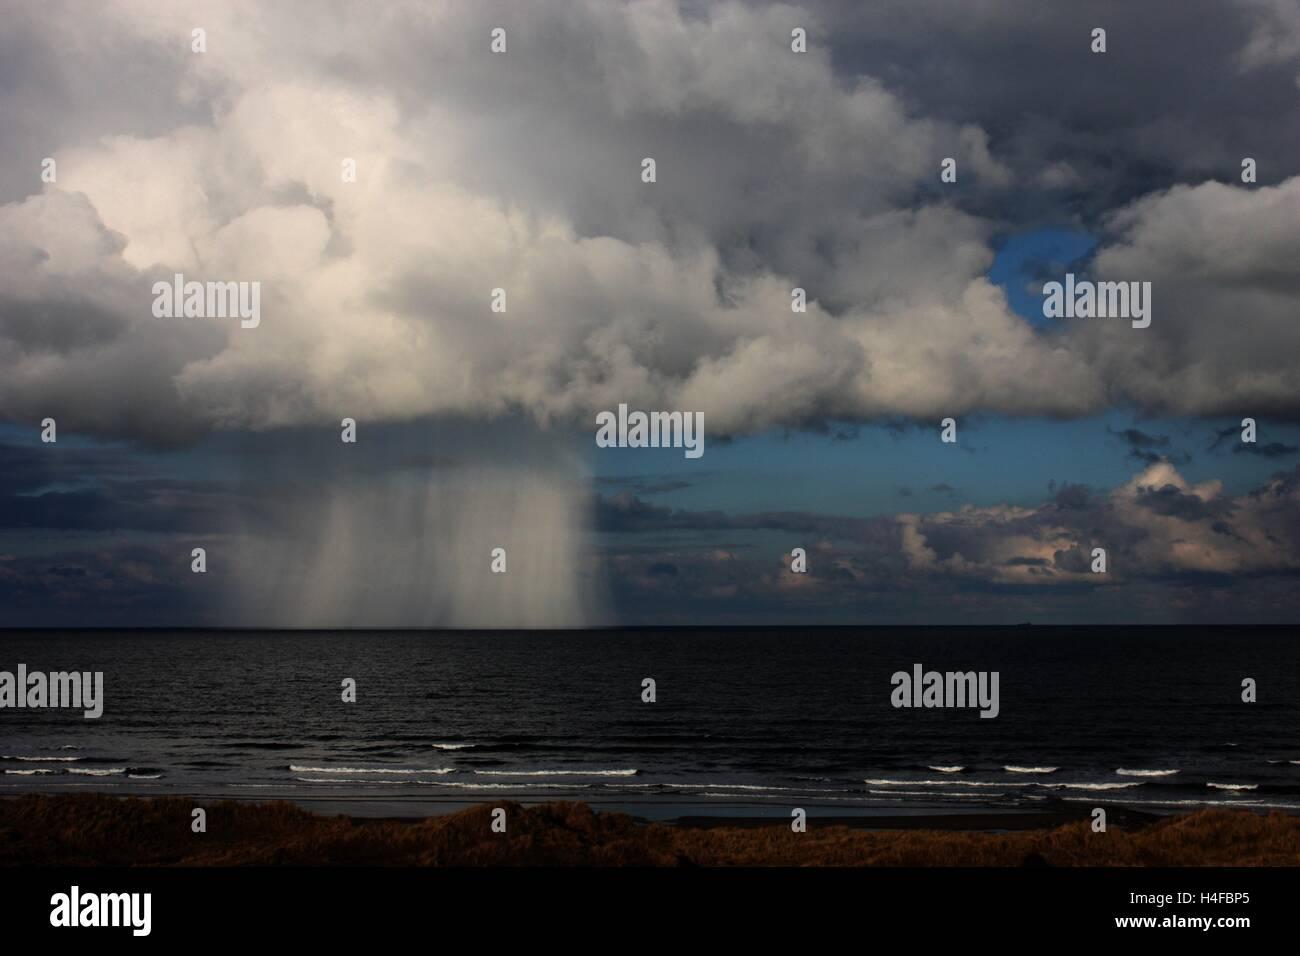 Mushroom shaped rain cloud near the sea shore - Stock Image